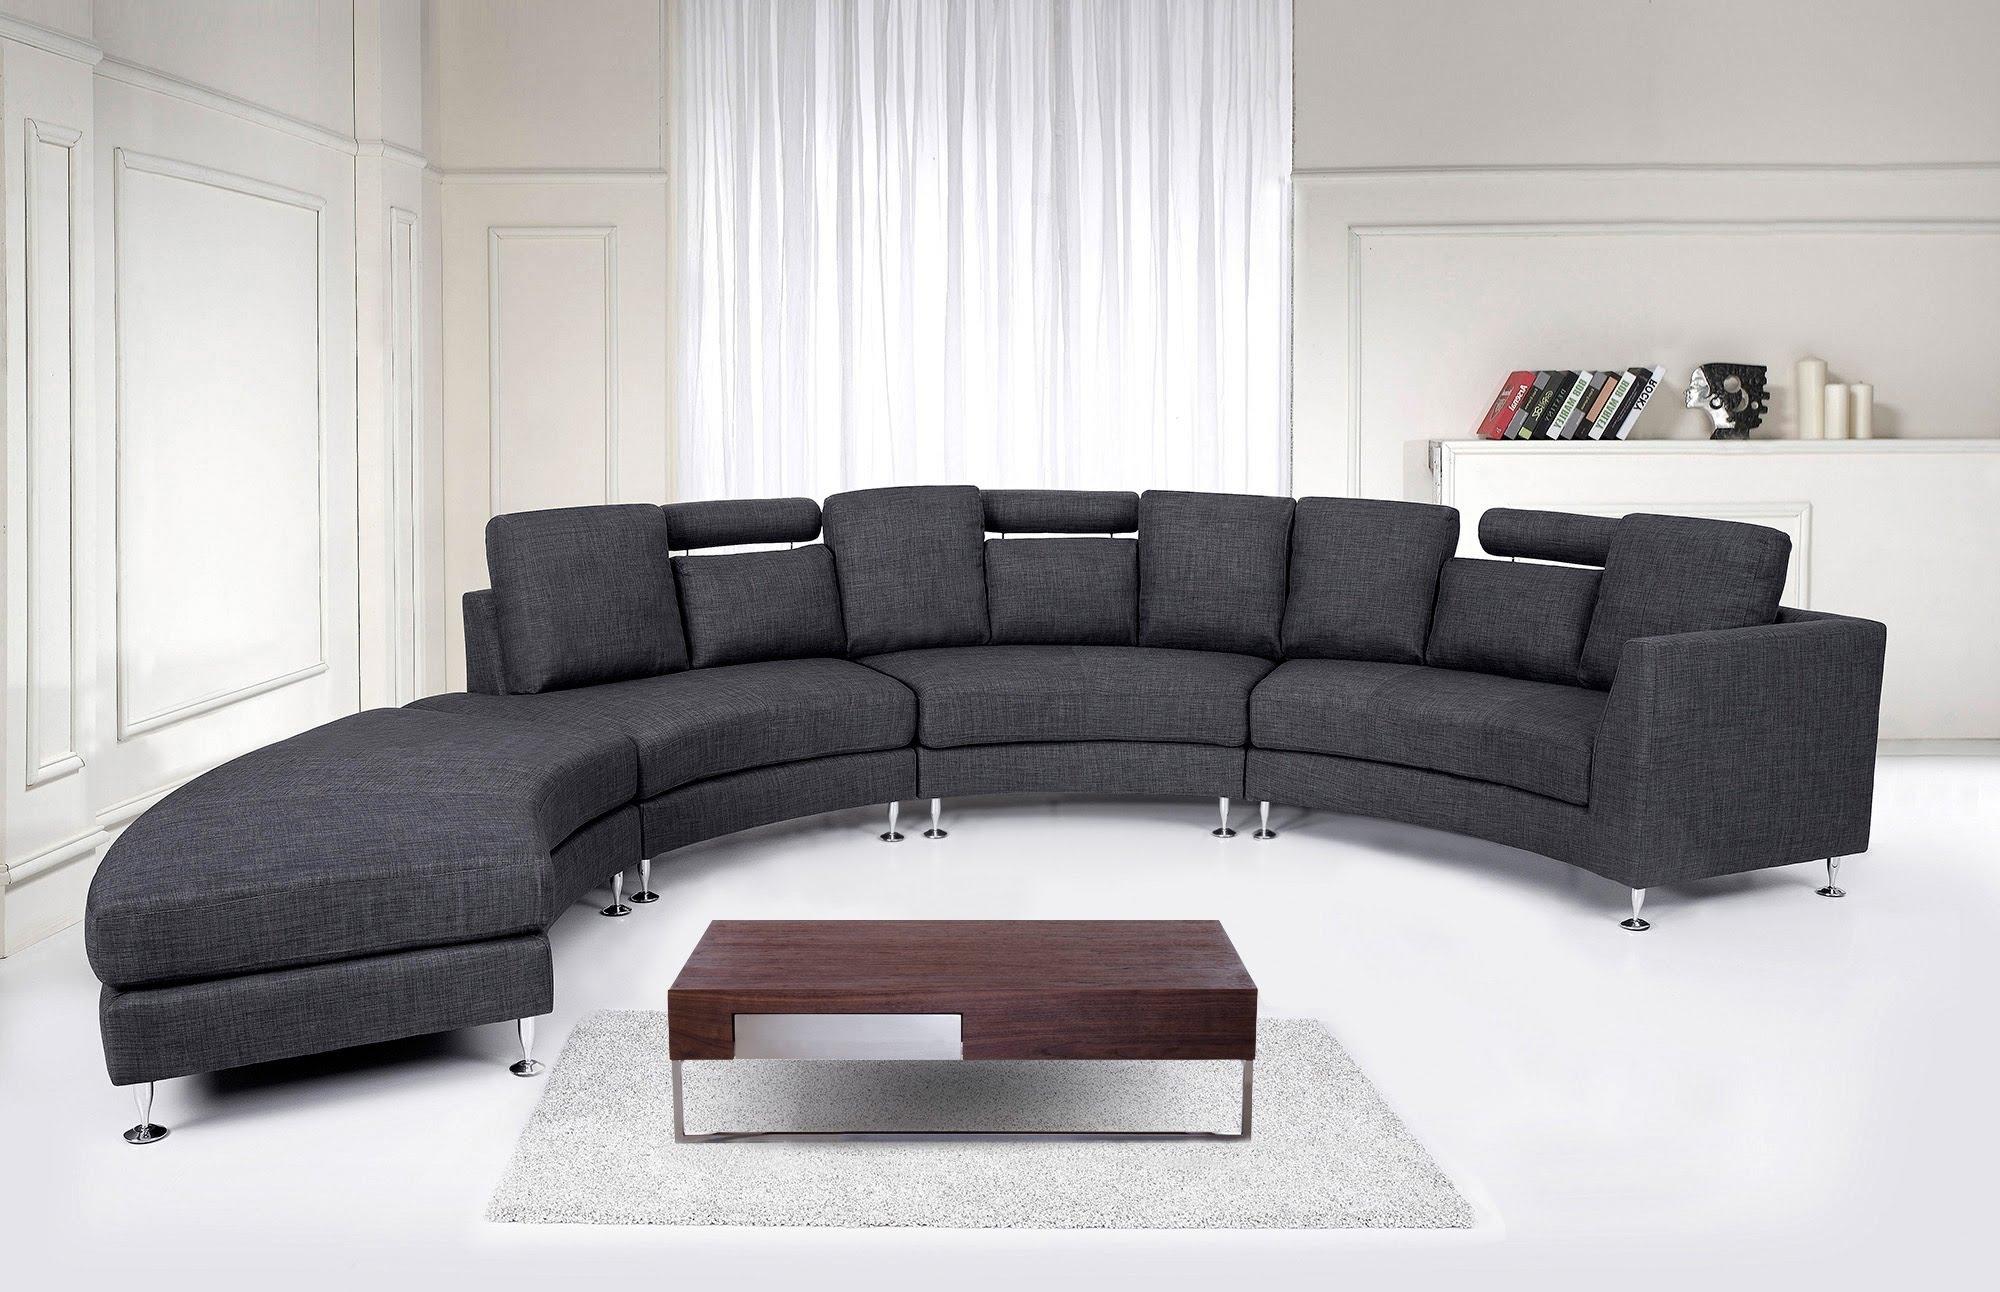 Latest Round Sofas Within Round Sofa (View 2 of 15)